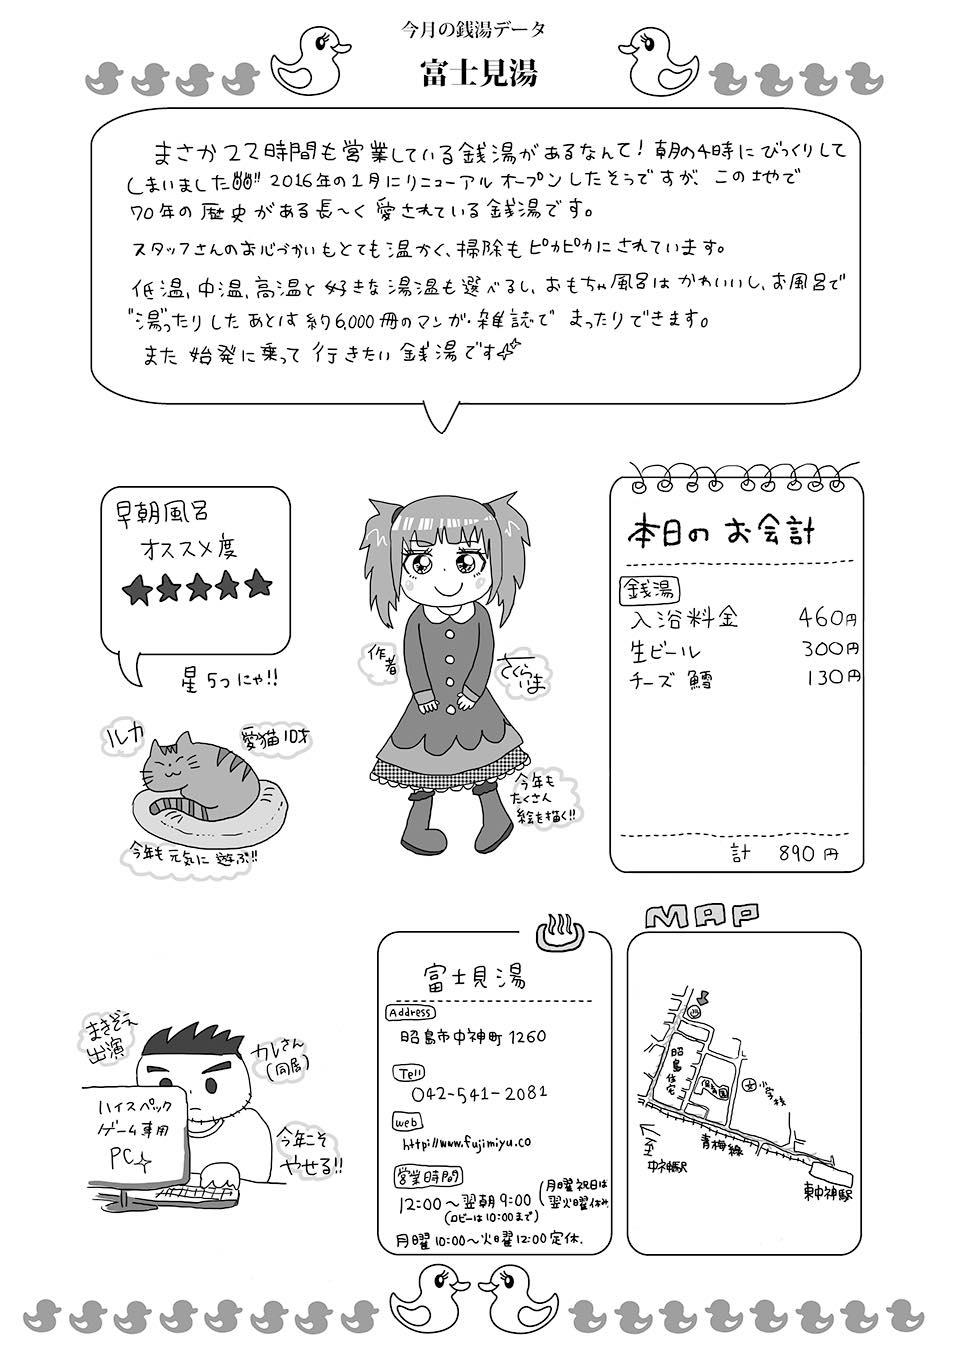 富士見湯09_th